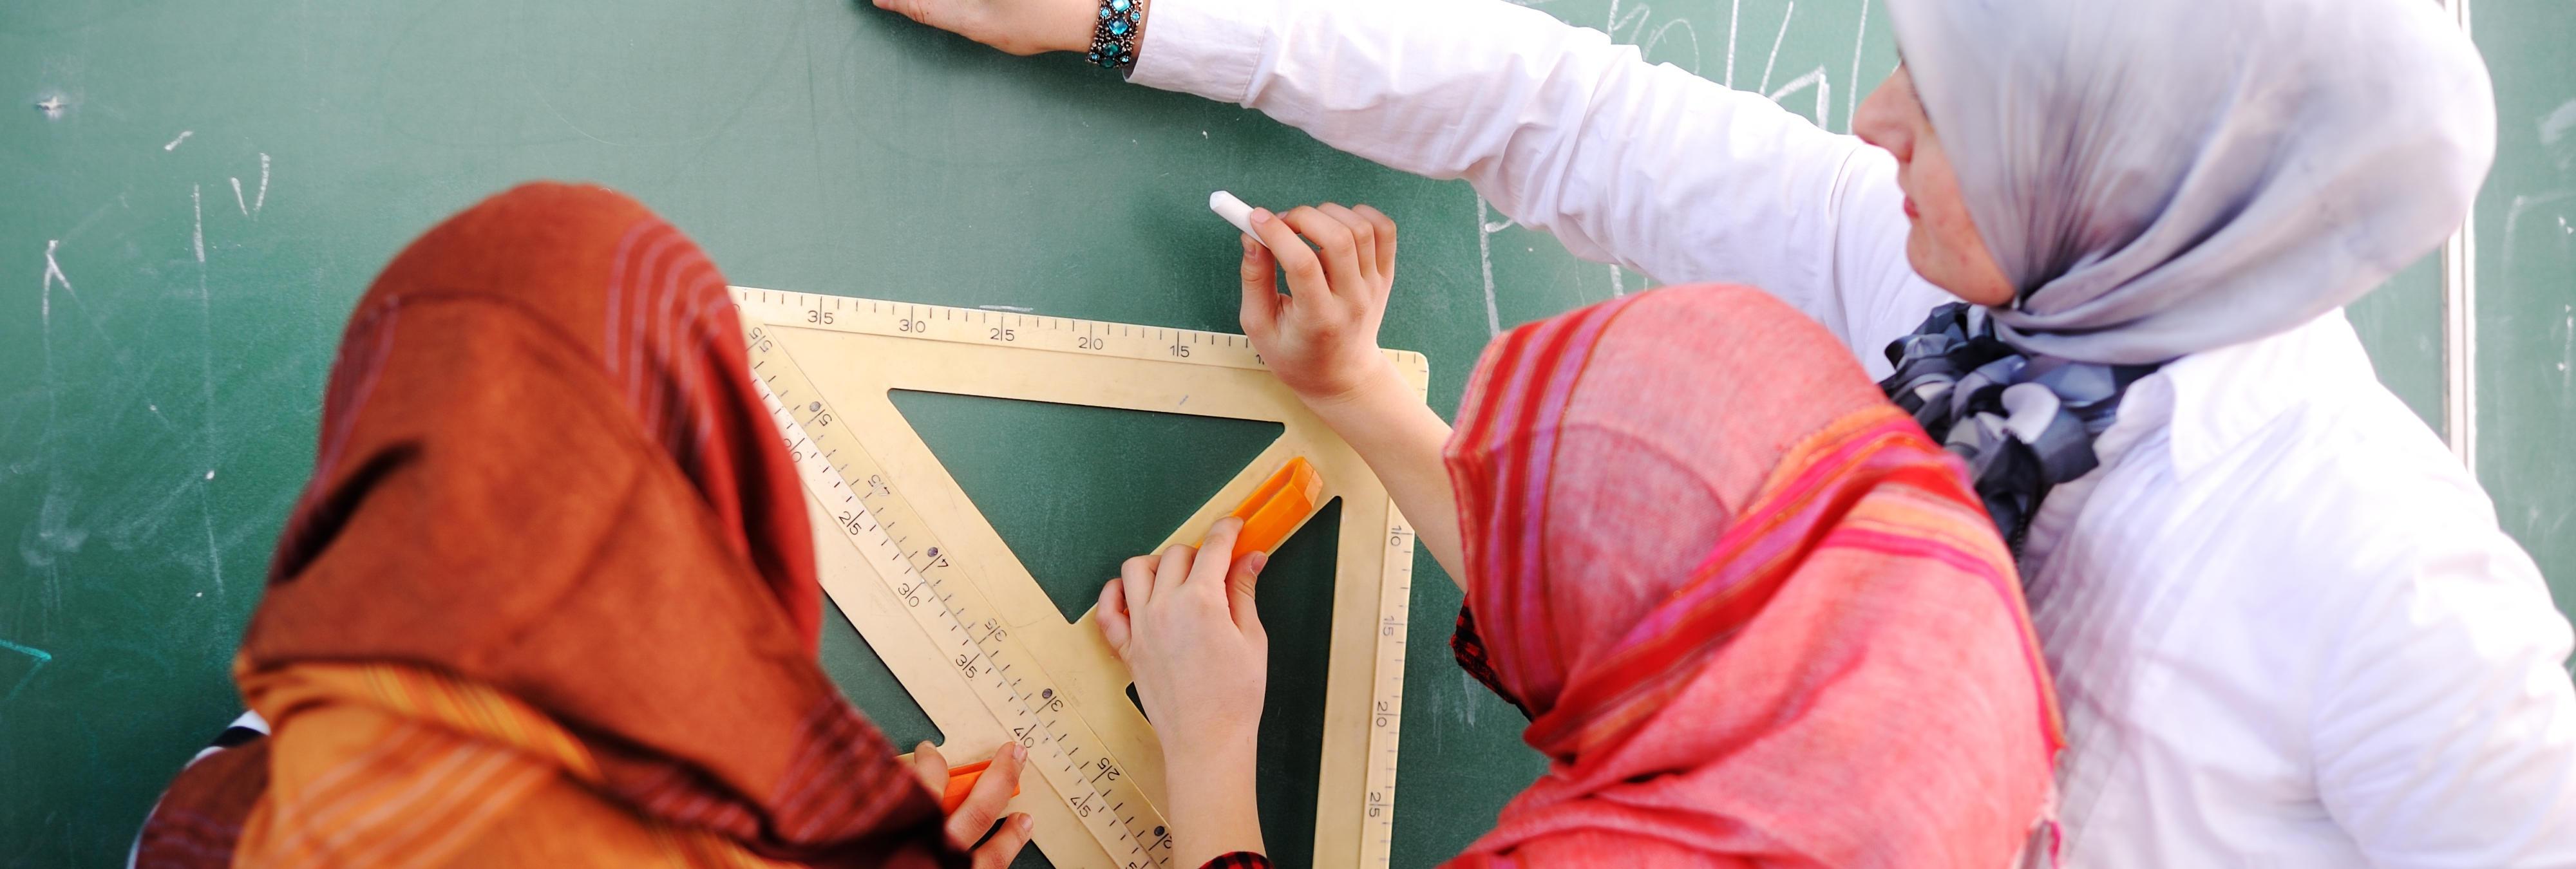 La educación musulmana se abre paso en España con un centro en Valencia y otro en San Sebastián